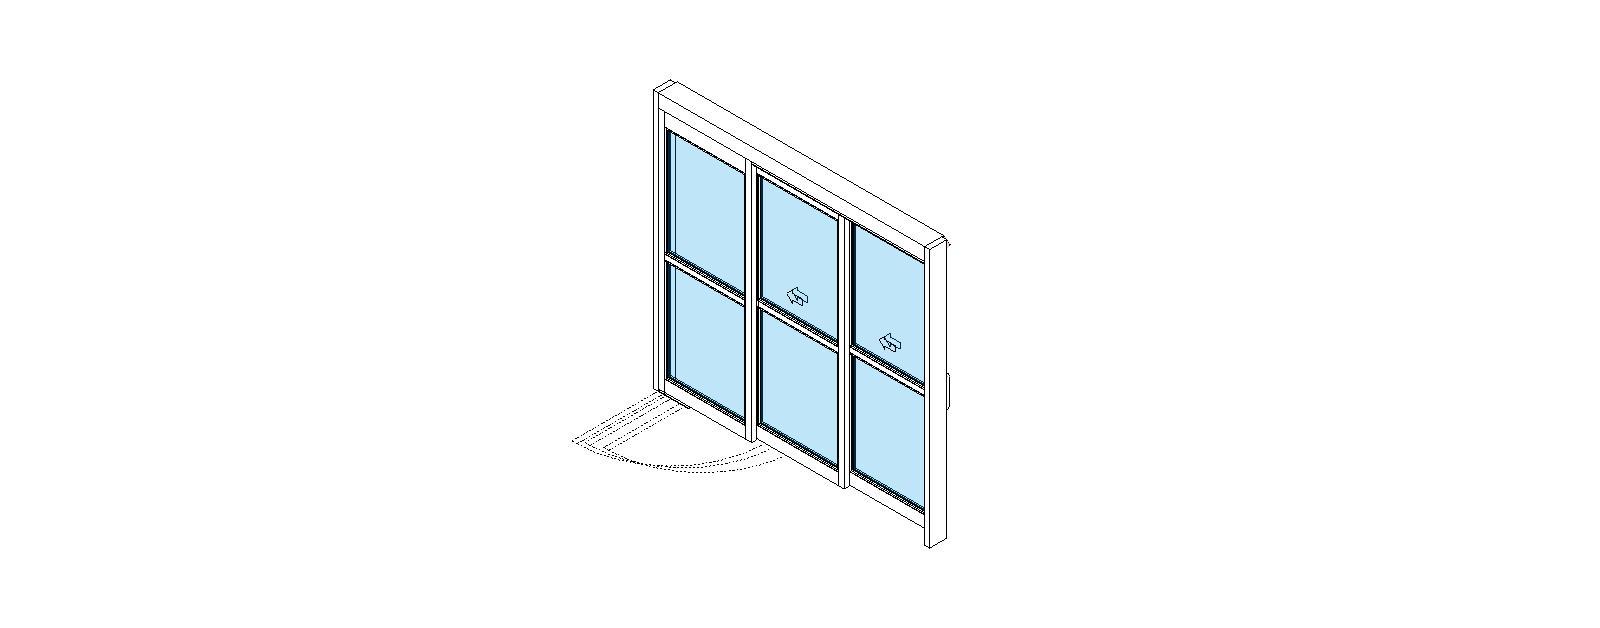 ICU Doors: ICU Sliding Doors: VersaMax - Single Telescopic